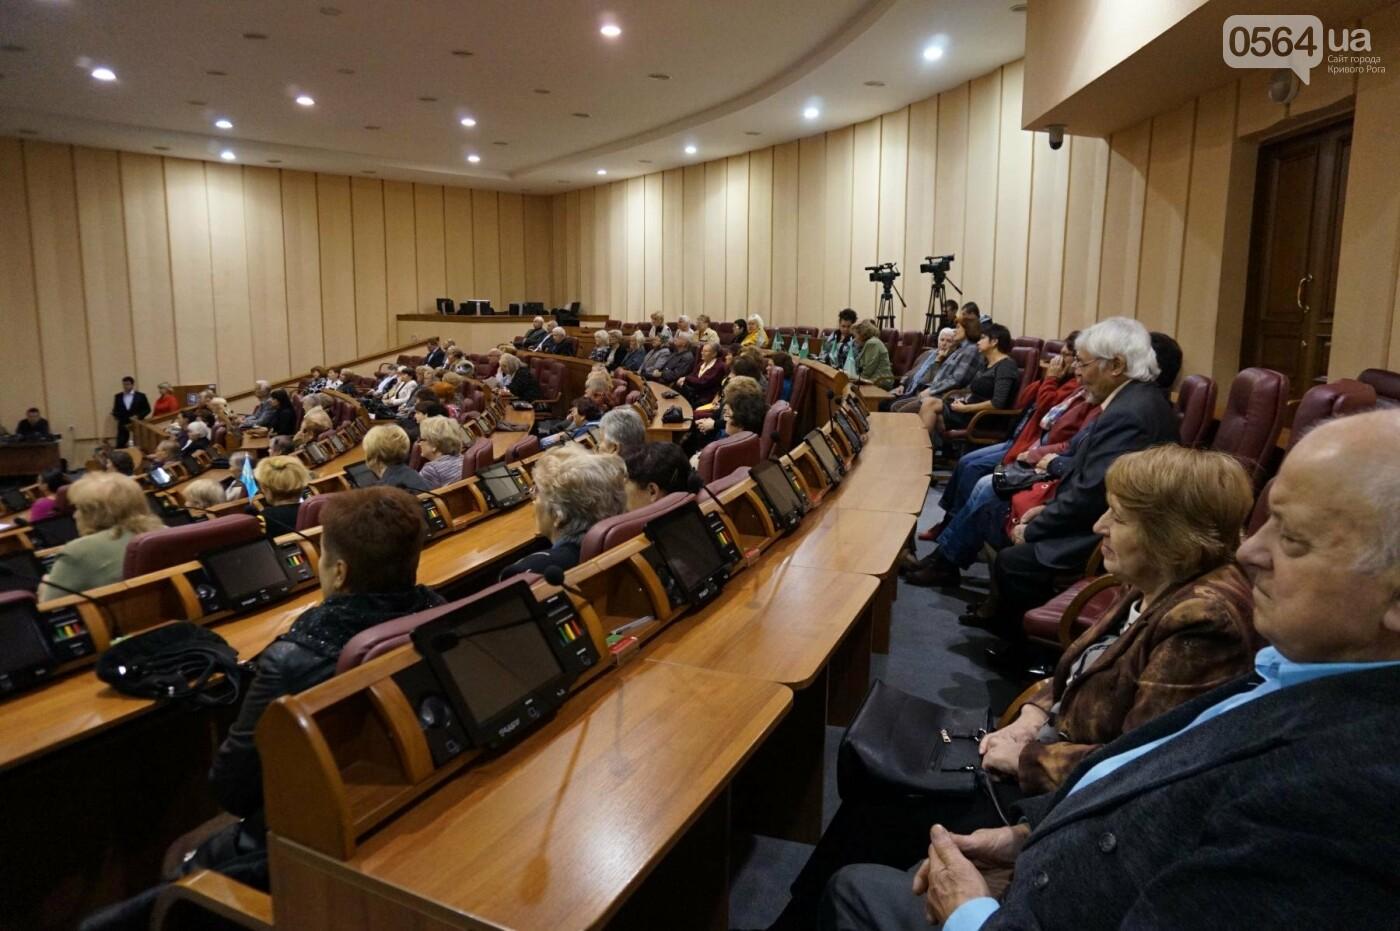 Экс-сотрудников Криворожского горисполкома поздравили с Днем пожилых людей (ФОТО), фото-4